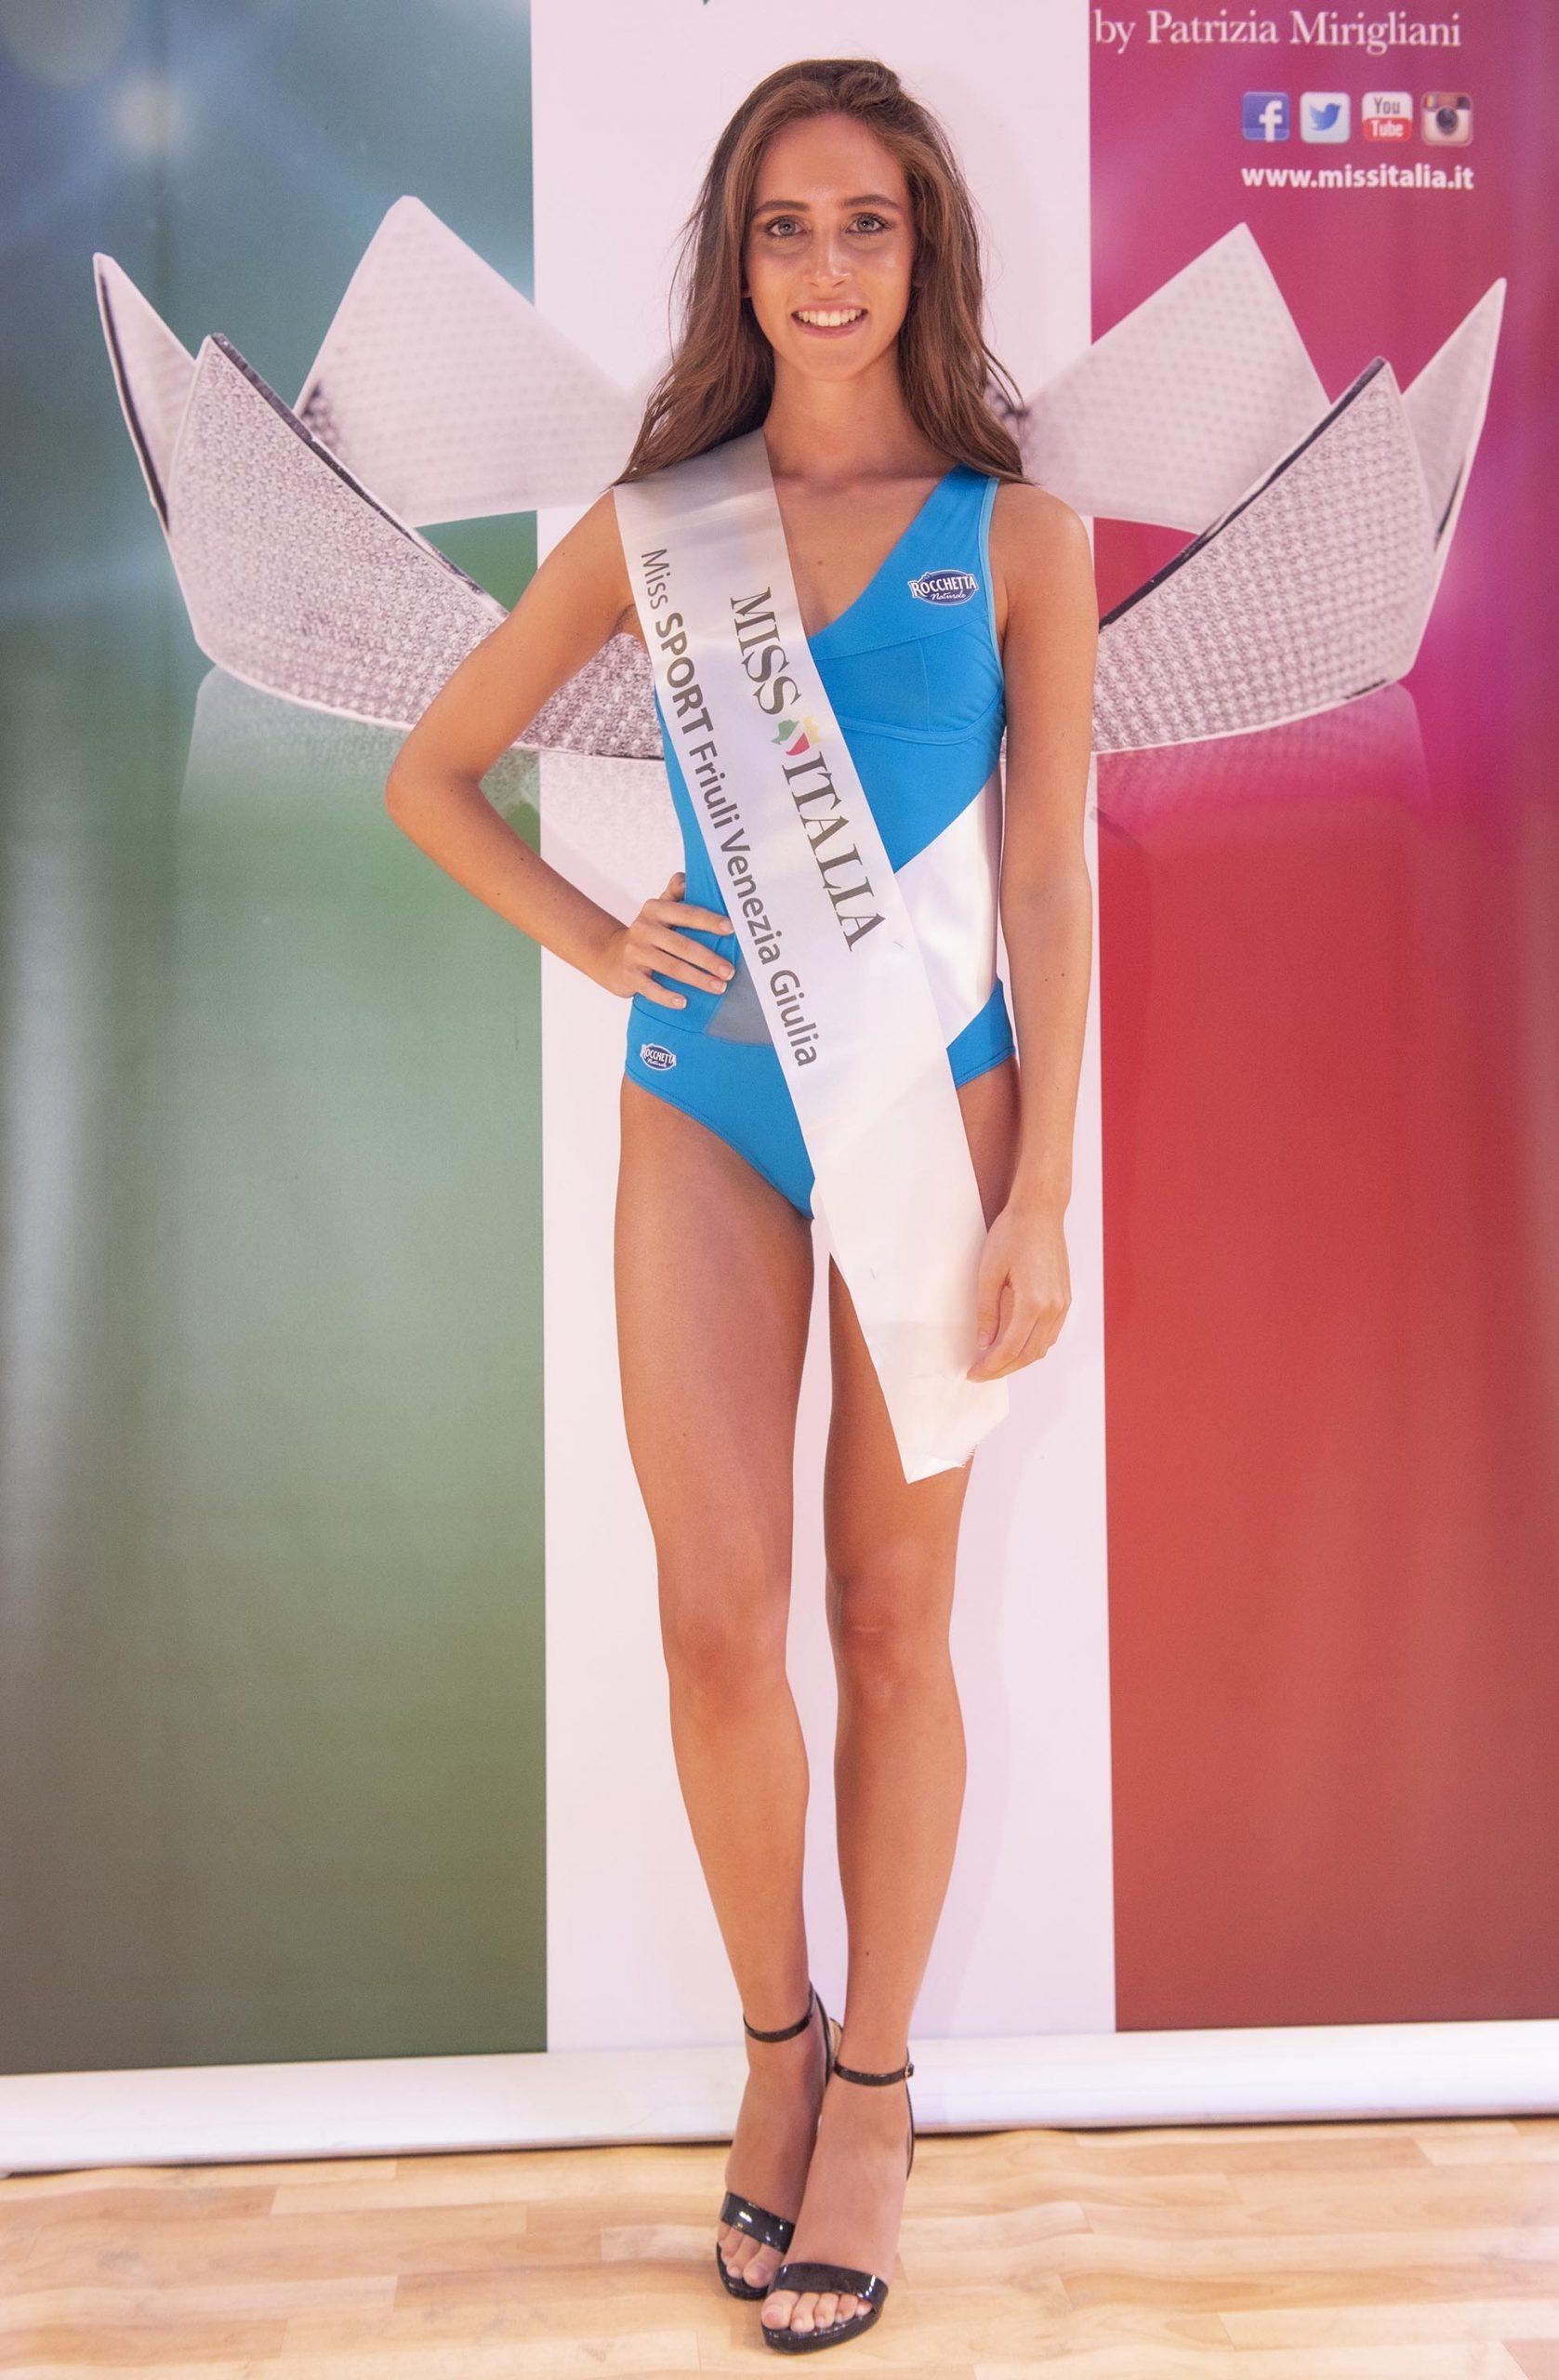 Erika Rebbelato - Miss Sport Friuli Venezia Giulia 3